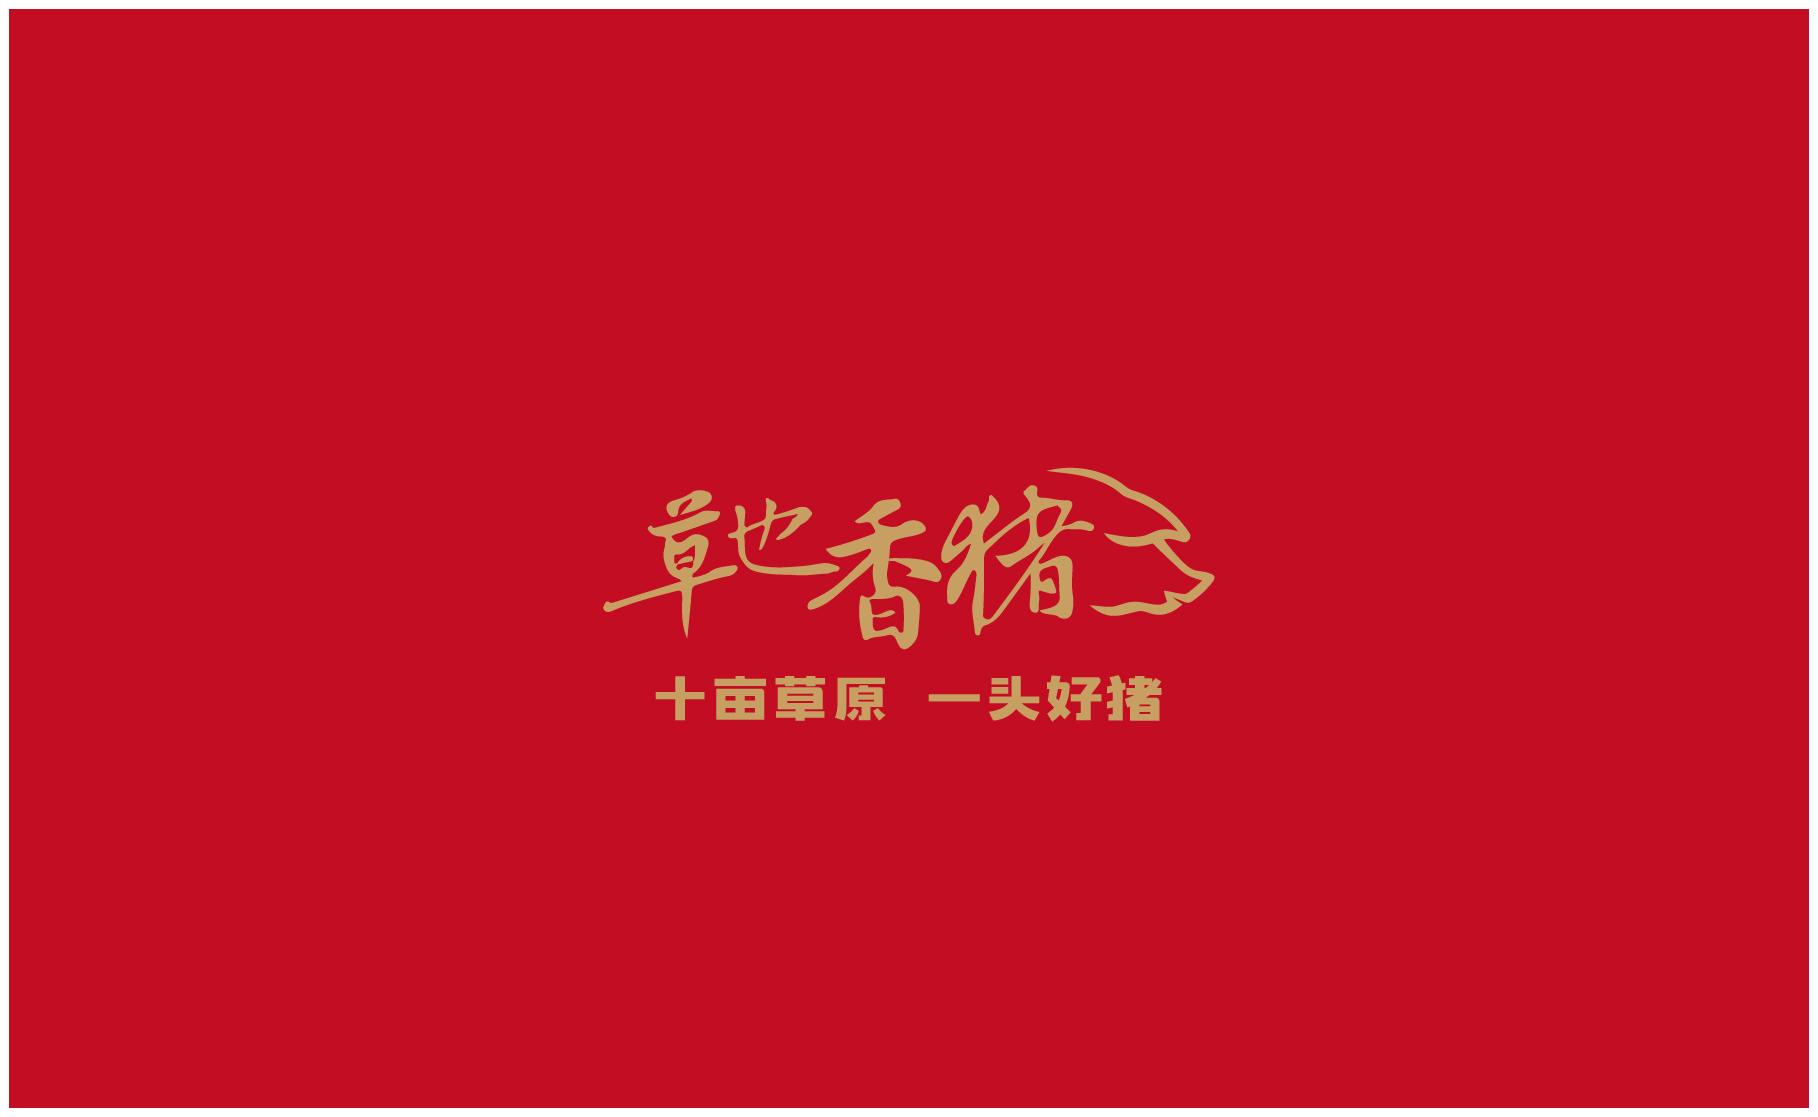 网站案例-草野香猪-02.jpg